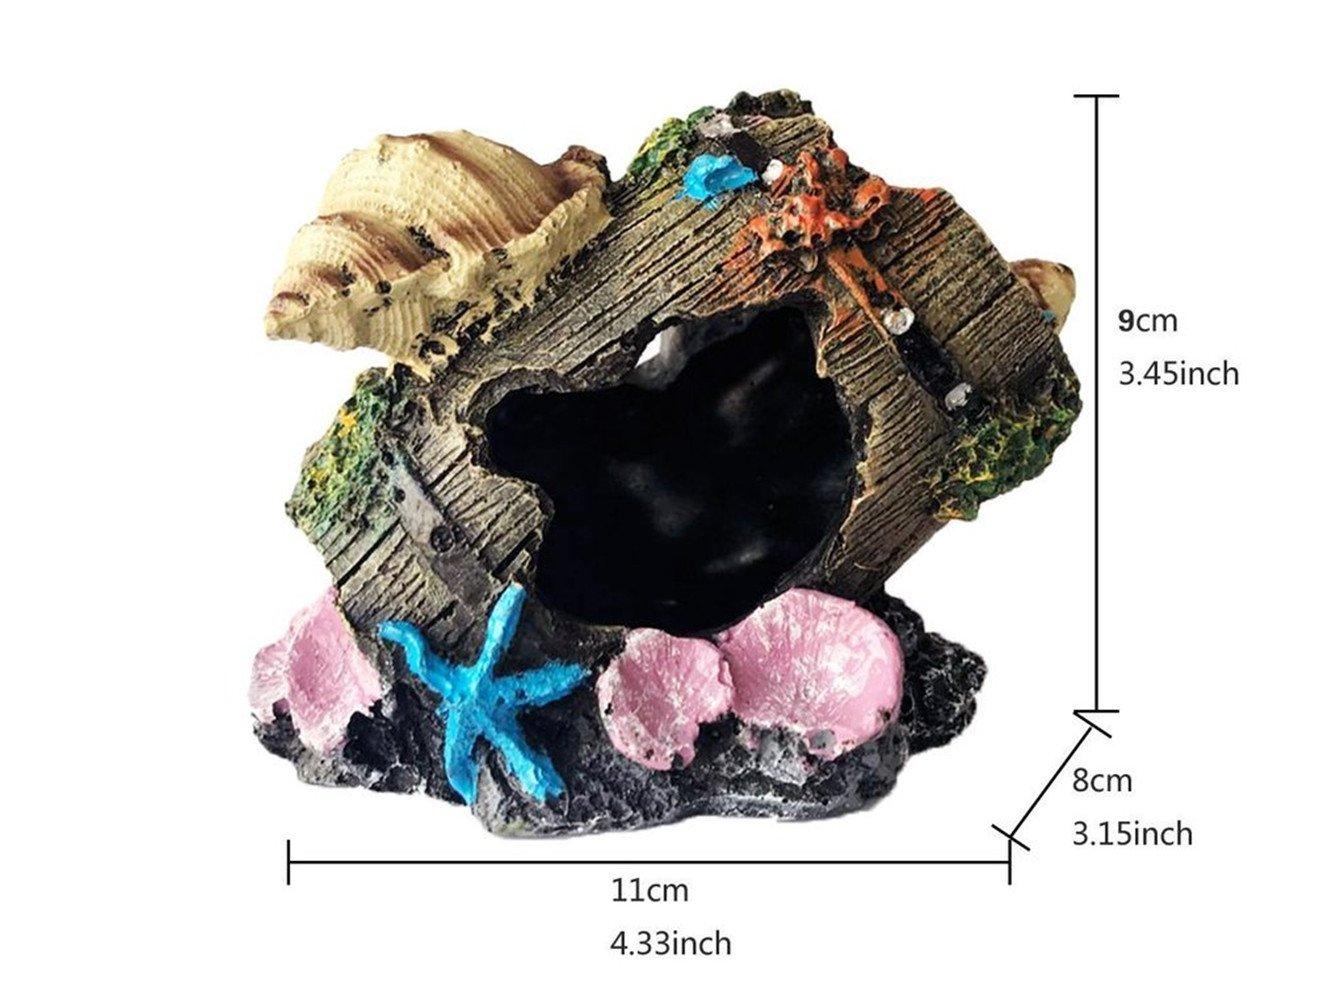 Meiliy Resin Broken Barrel Aquarium Decorations for Fish Tank, Aquarium Ornament Aquatic Caves Hide Hut